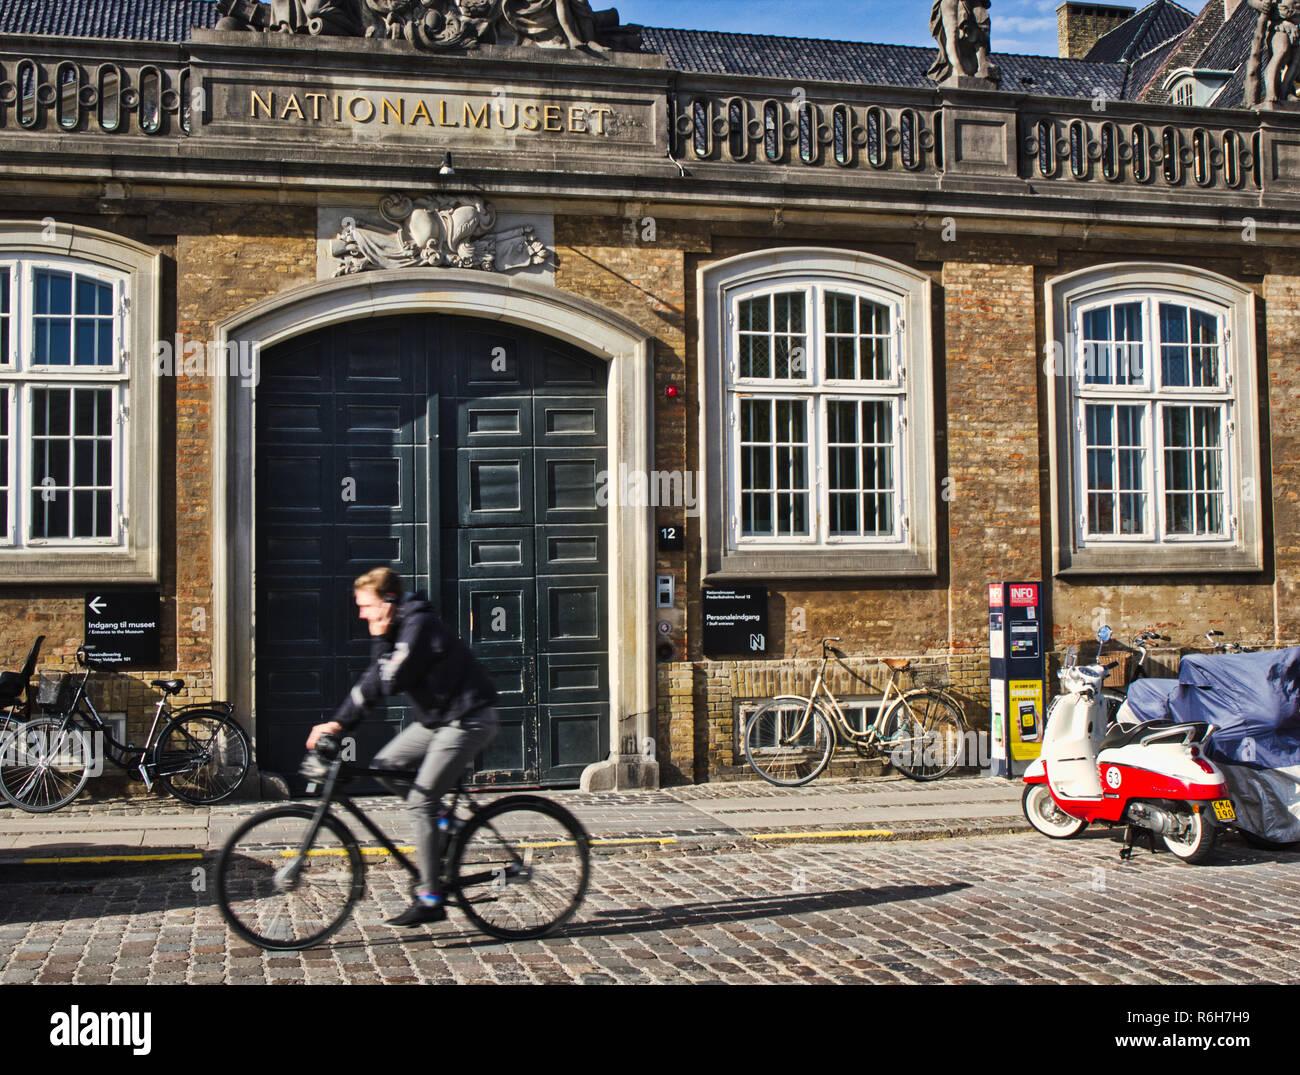 El Museo Nacional de Copenhague, Dinamarca, en Escandinavia. El museo está ubicado en el Palacio del Príncipe, construido en 1743-44. Foto de stock